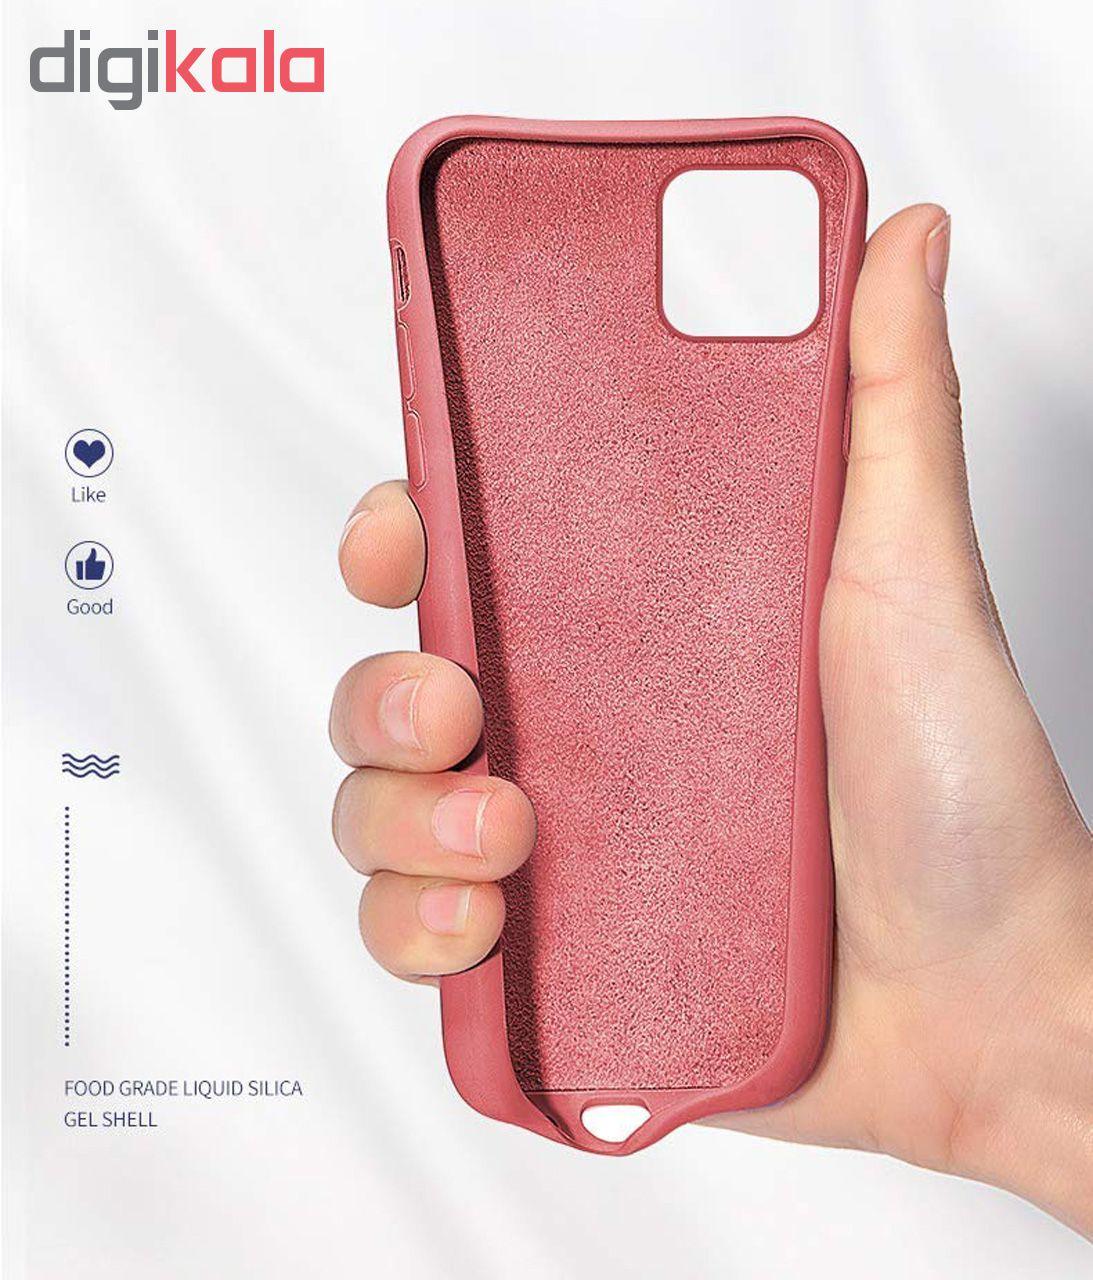 کاور وی کیس مدل Si01 مناسب برای گوشی موبایل اپل iPhone 7/8 main 1 5